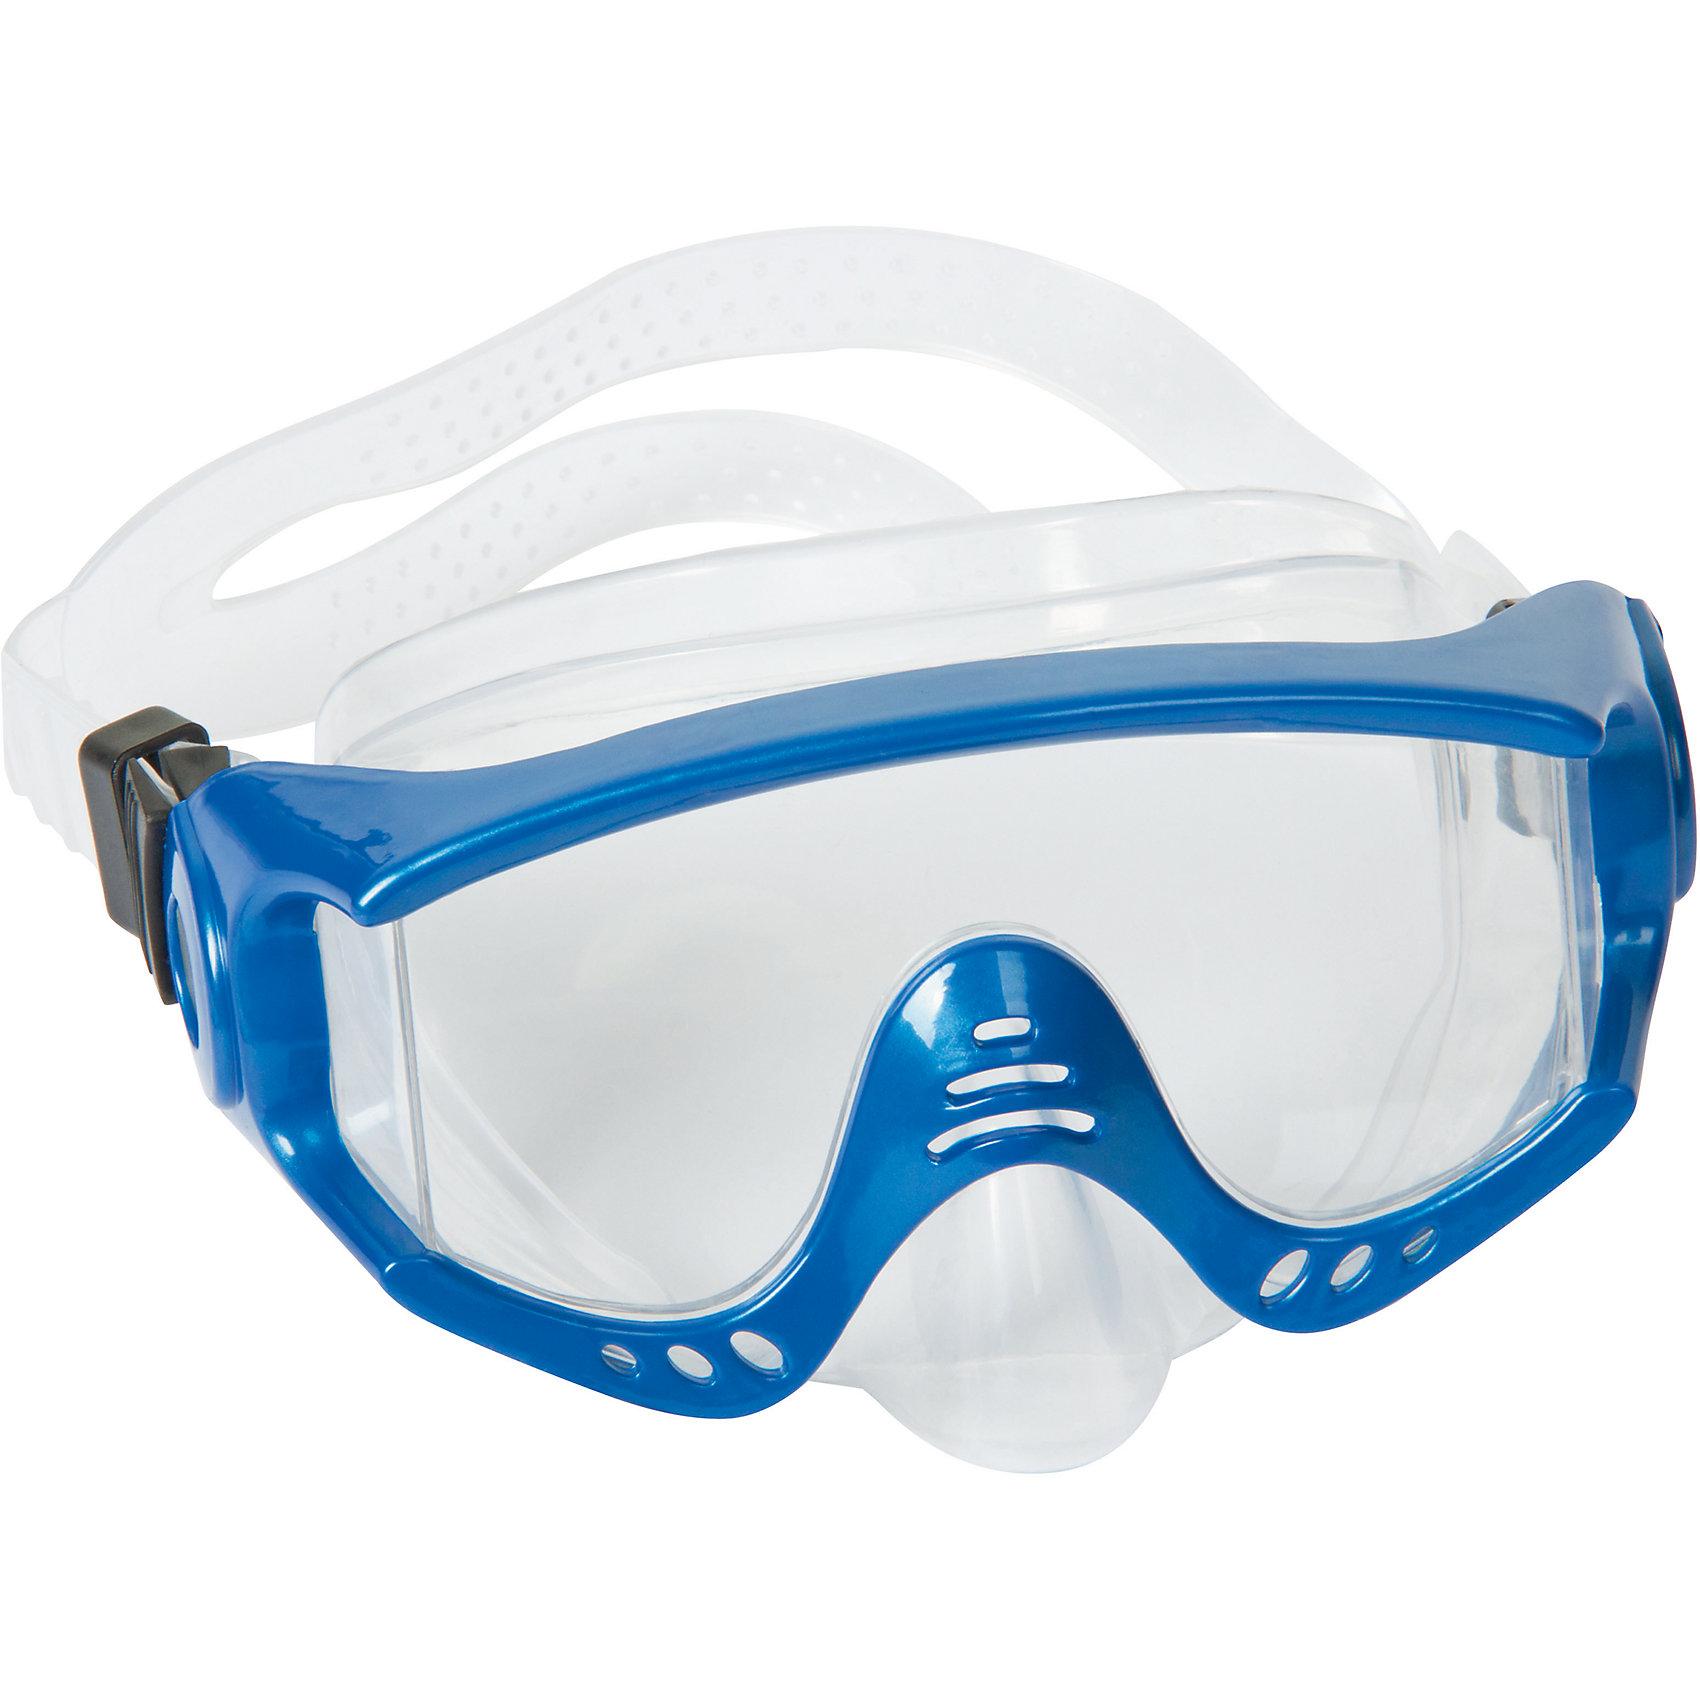 Маска для ныряния Splash Tech для взрослых, Bestway, синийОчки, маски, ласты, шапочки<br>Маска для ныряния Splash Tech, Bestway - отличный вариант для активного отдыха и увлекательных исследований подводного мира. Маска оснащена линзами из поликарбоната с широким обзором. Благодаря уплотнителю с двойной кромкой плотно прилегает к лицу и не допускает протекания воды. Маска надёжно фиксируется регулируемым ремешком. Соответствует требованиям безопасности и стандартам качества продукции. Маску для ныряния Splash Tech для взрослых, Bestway, можно купить в нашем интернет-магазине.<br><br> В товар входит: <br>- маска для ныряния<br><br>Дополнительная информация: <br> - Материал: поликарбонат<br> - Размер упаковки: 22 х 18 х 9 см<br> - Вес: 168 гр.  <br> - Возраст: для взрослых и детей от 14 лет<br> - Цвет: синий<br> - Бренд: Bestway<br><br>Ширина мм: 235<br>Глубина мм: 185<br>Высота мм: 870<br>Вес г: 168<br>Возраст от месяцев: 168<br>Возраст до месяцев: 1188<br>Пол: Унисекс<br>Возраст: Детский<br>SKU: 4828547